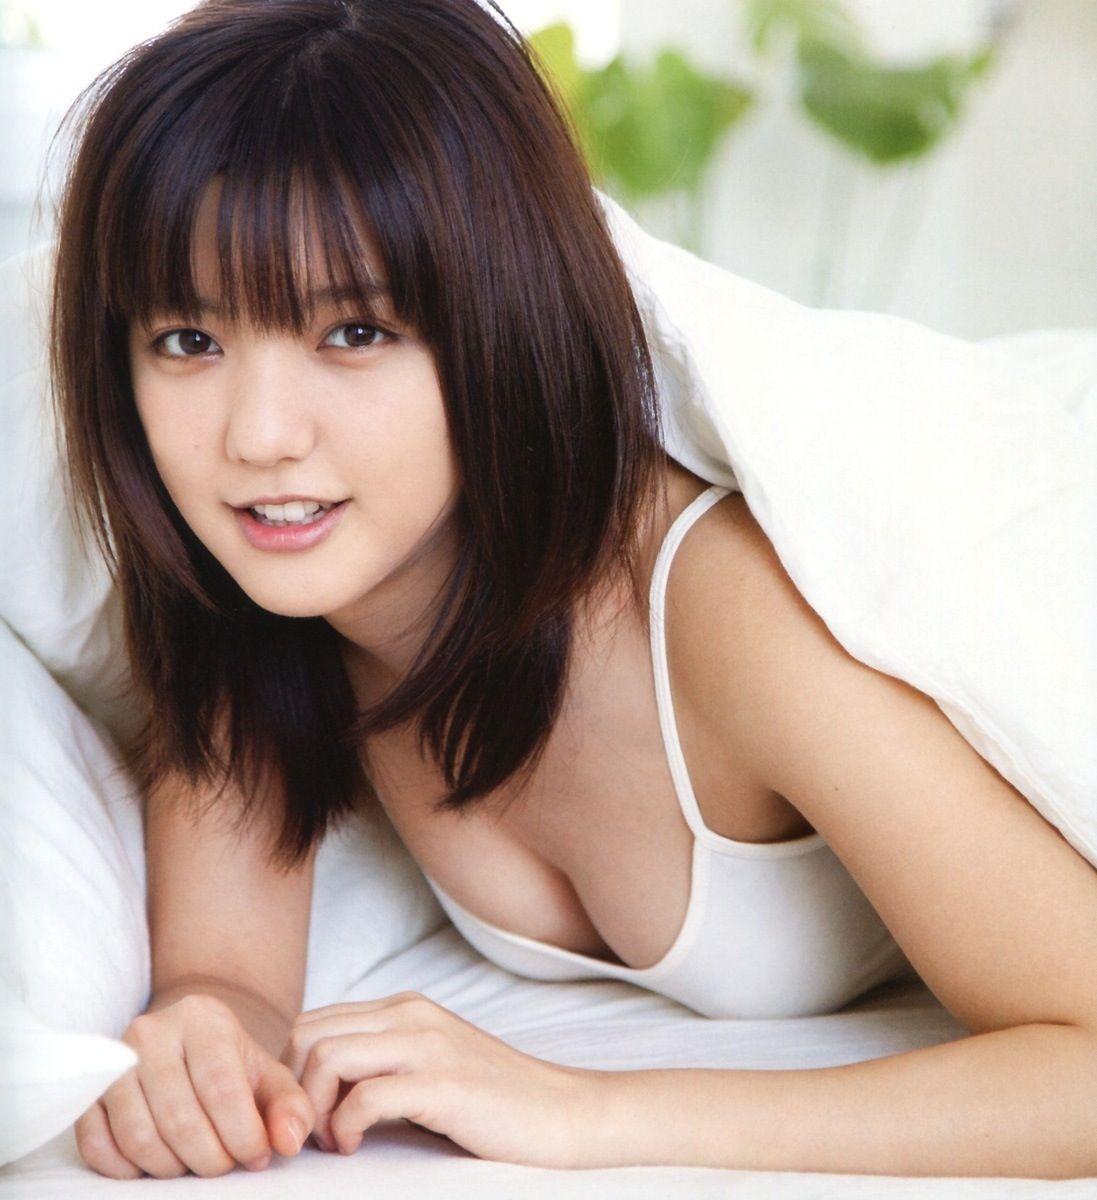 真野恵里菜ひさしぶりに乳首が見たくなった